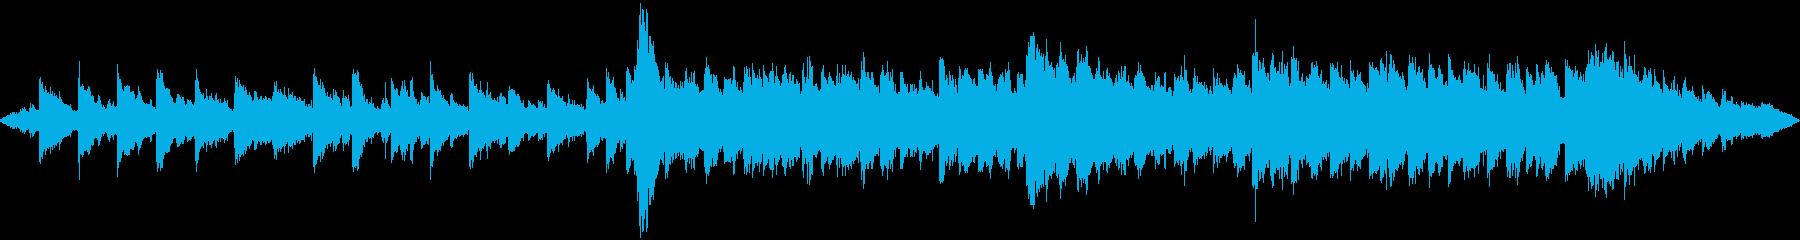 ピアノのハーモニー重視のスロー曲です。の再生済みの波形